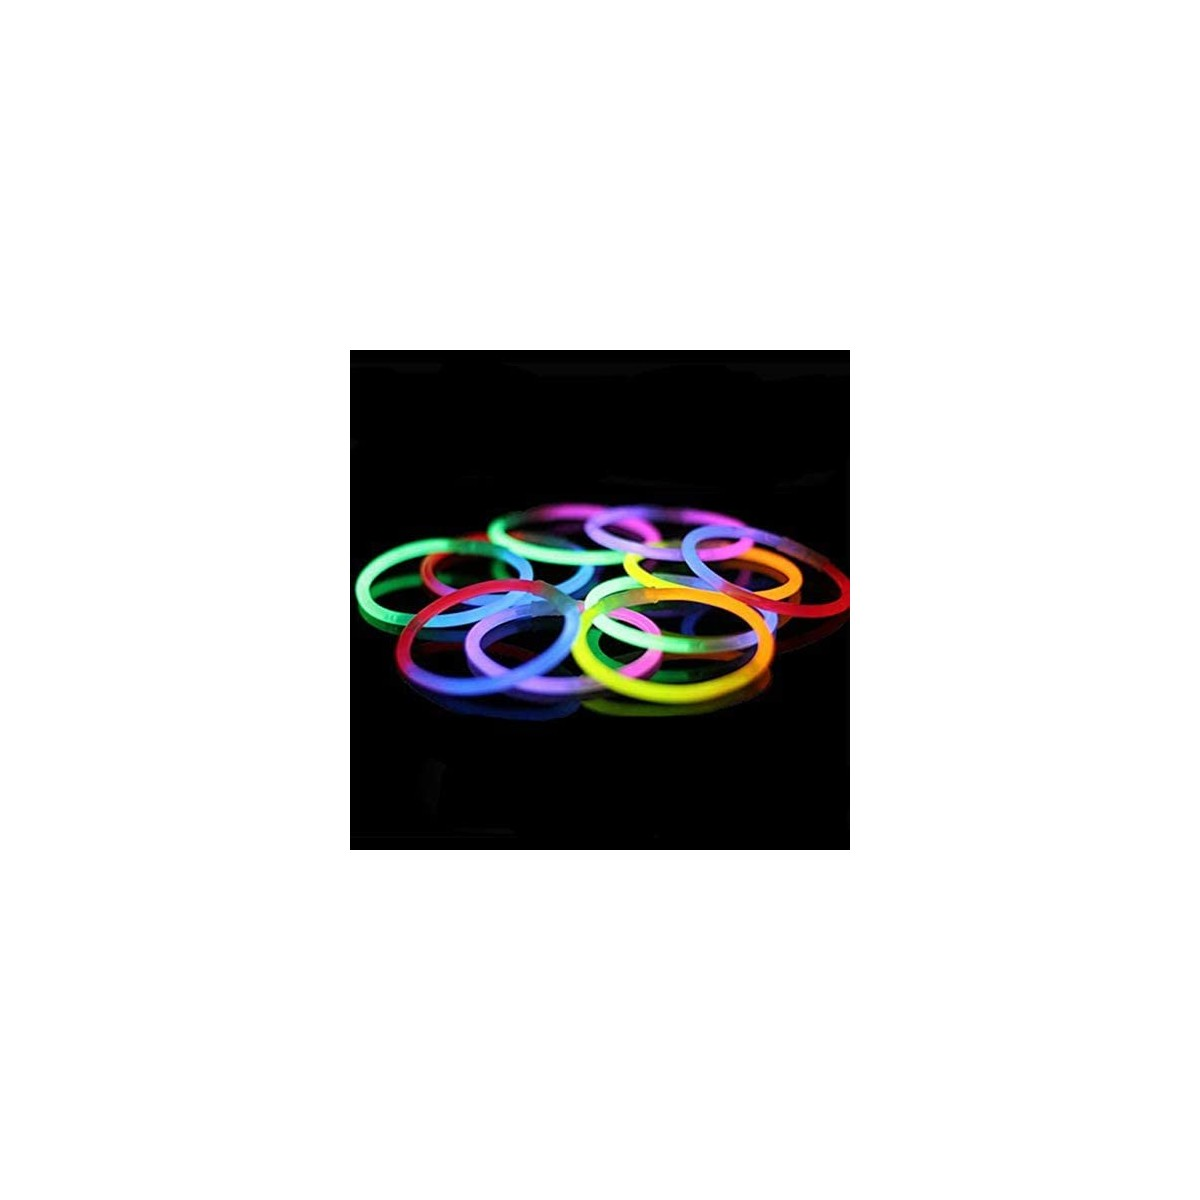 Set 100 bracciali luminosi fluorescenti + 100 connettori bracciale fluo